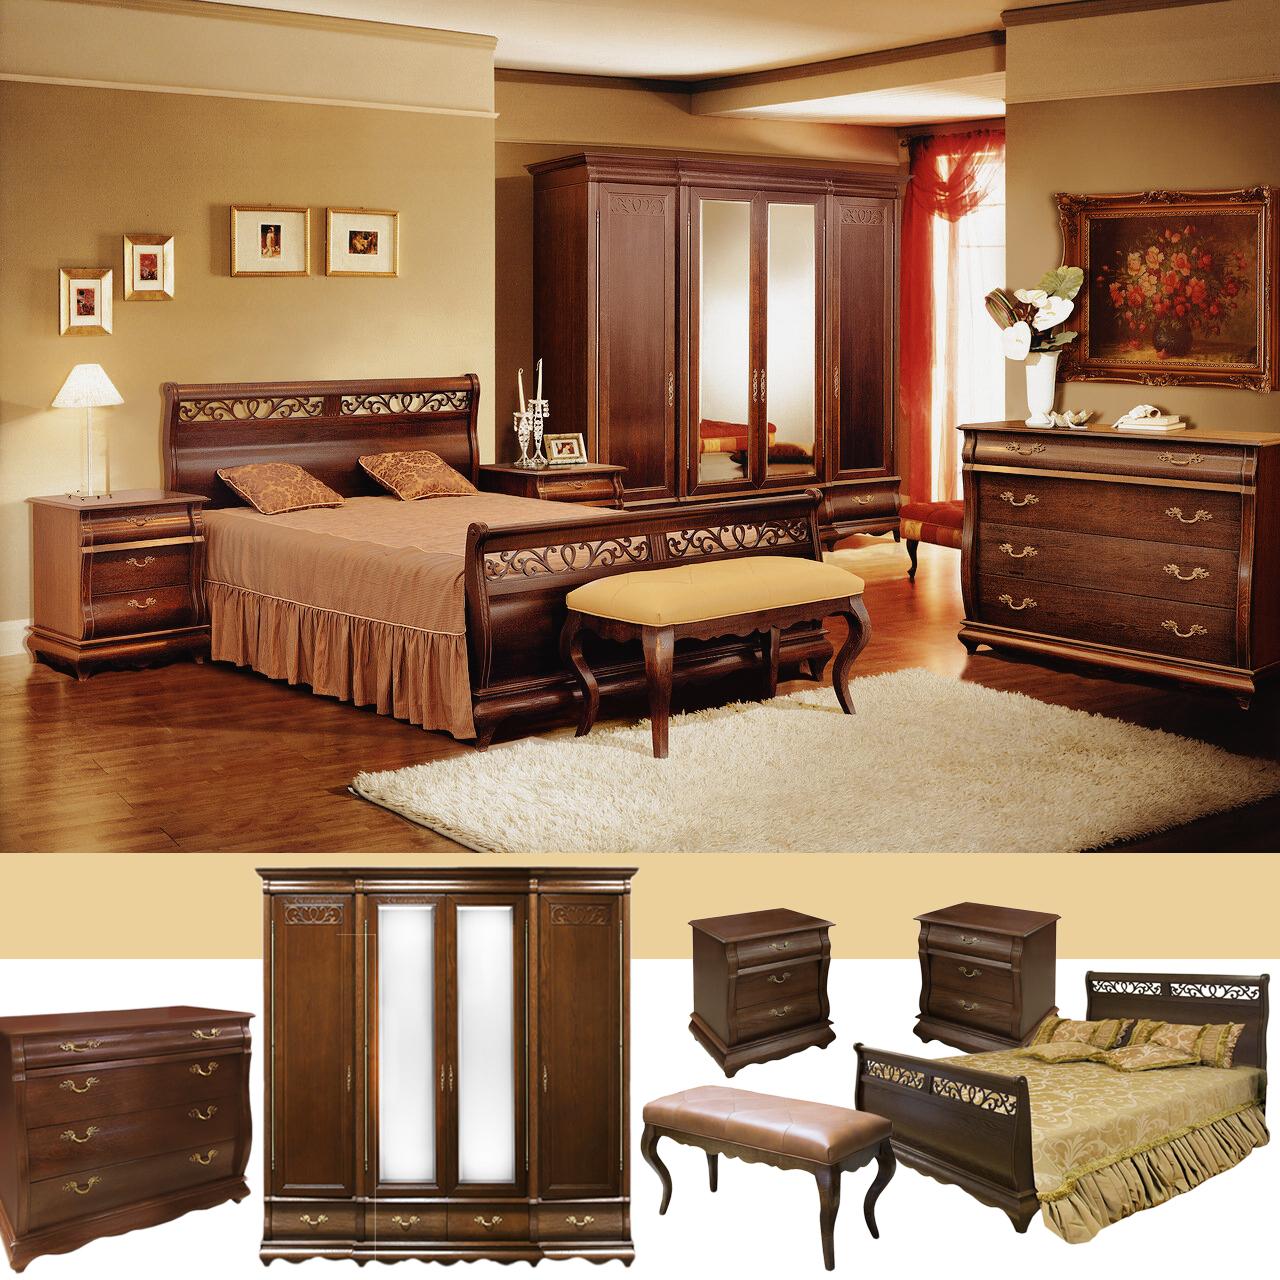 landhaus schlafzimmer massivholz landhausstil massivholzmöbel eiche